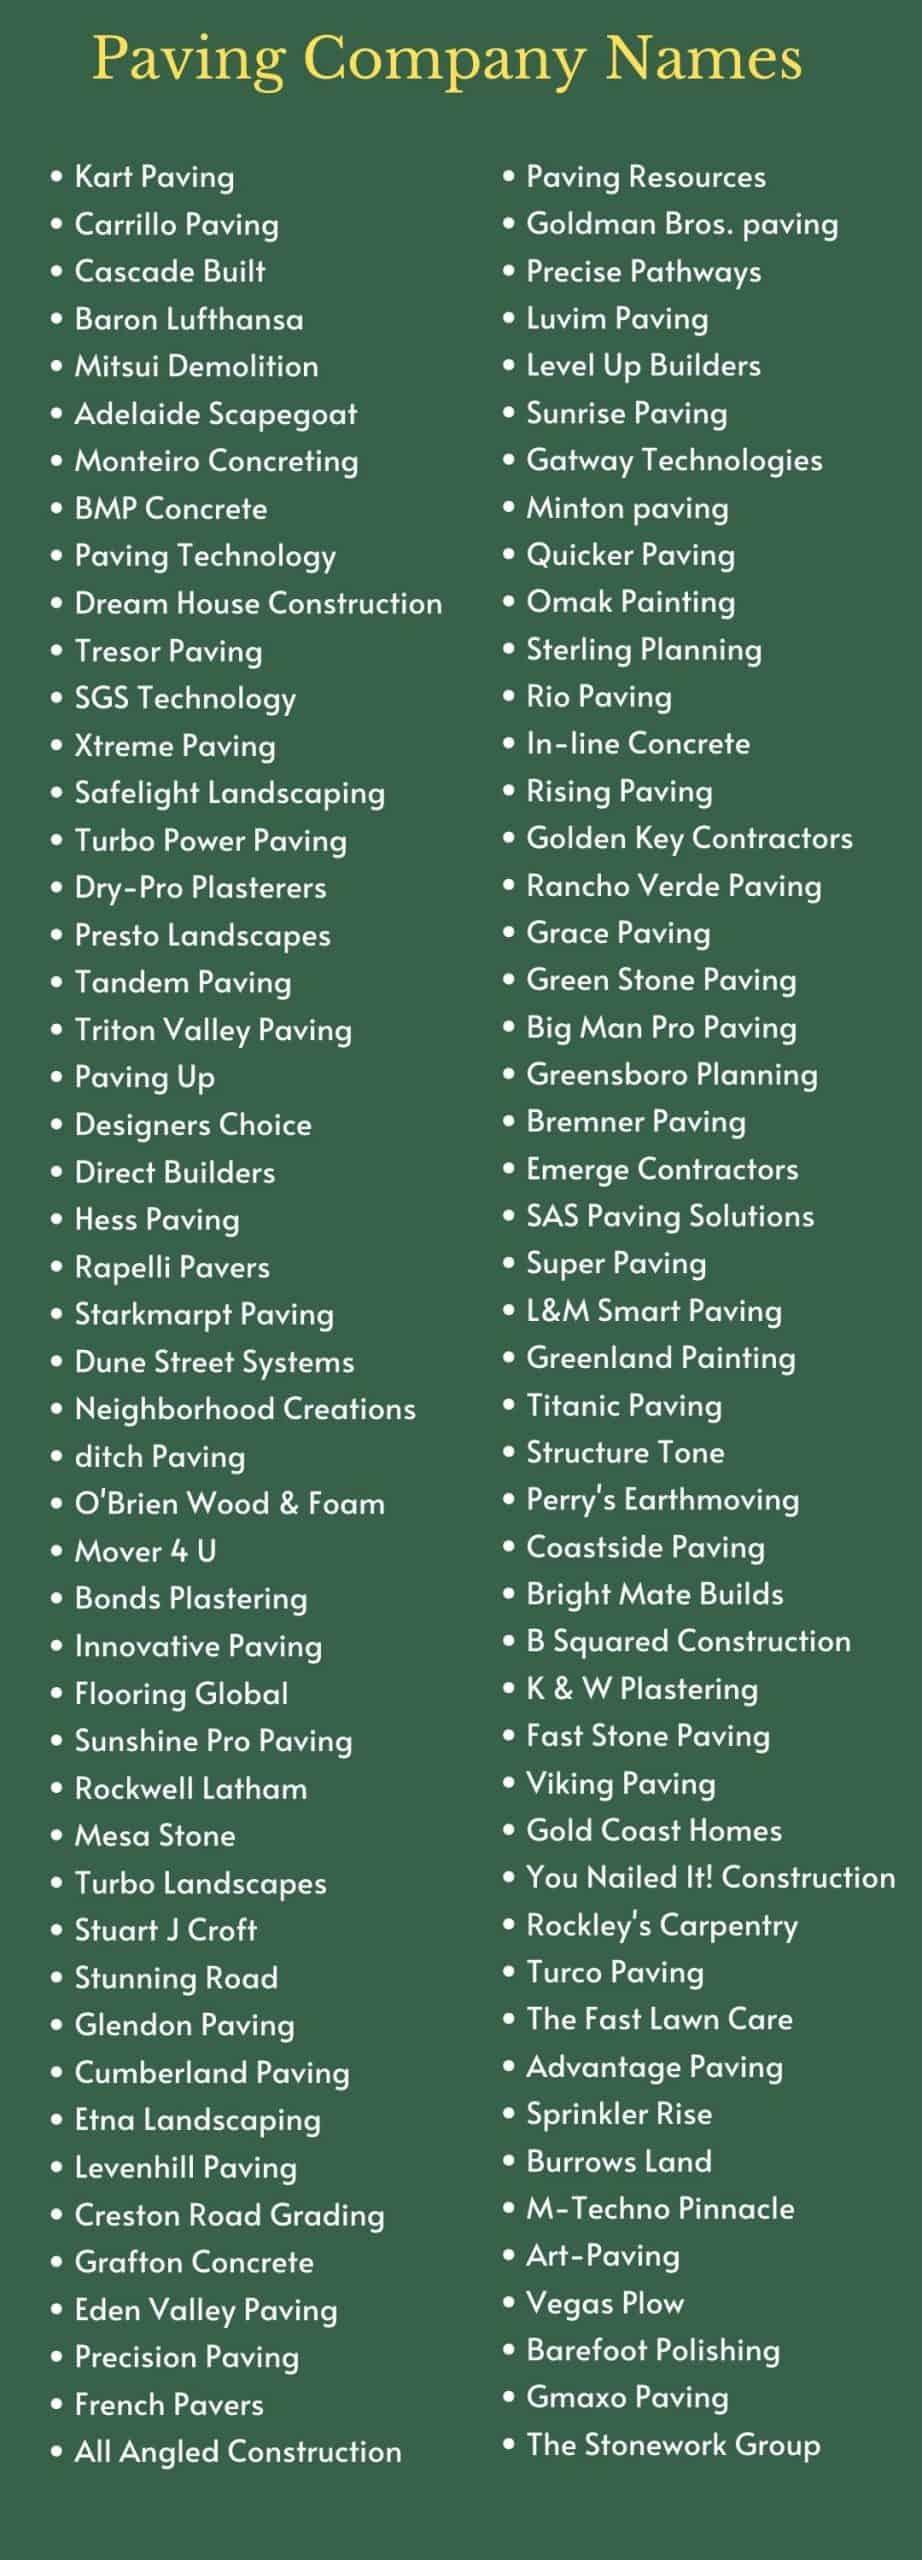 Paving Company Names